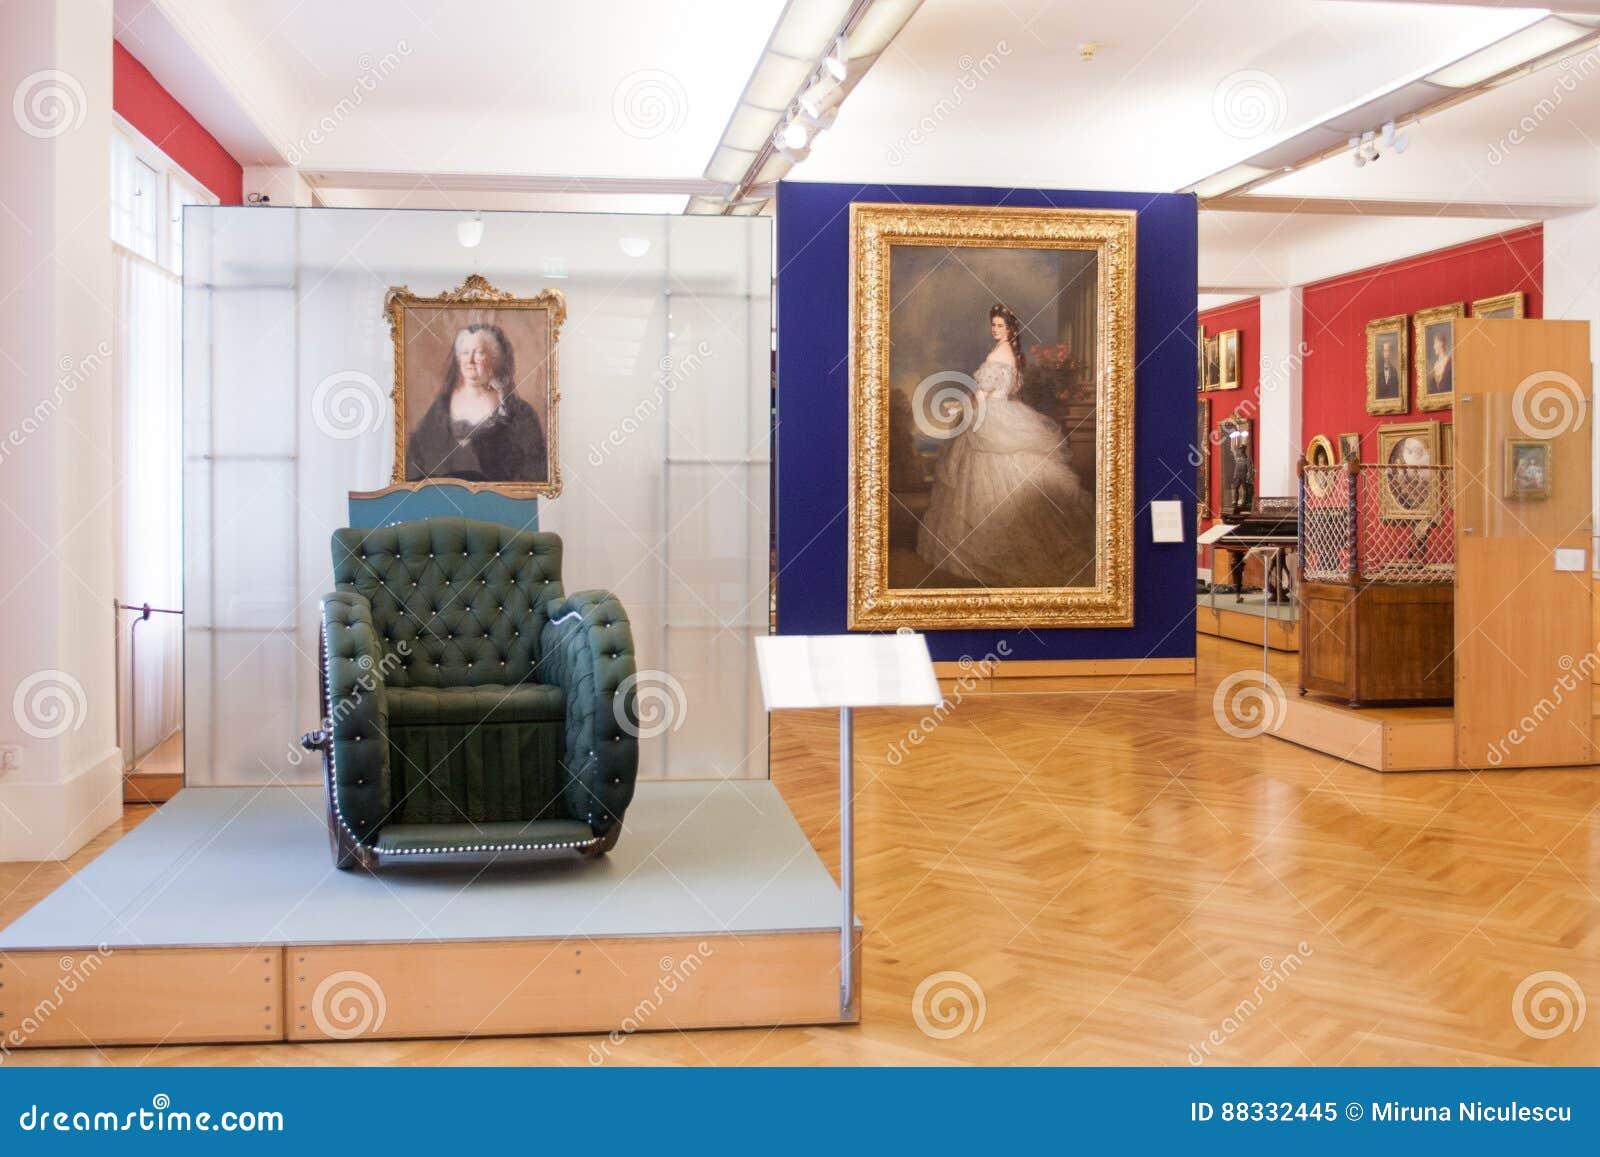 MeublesVienneAutriche Impérial Collection De Image Musée VqSUpzM